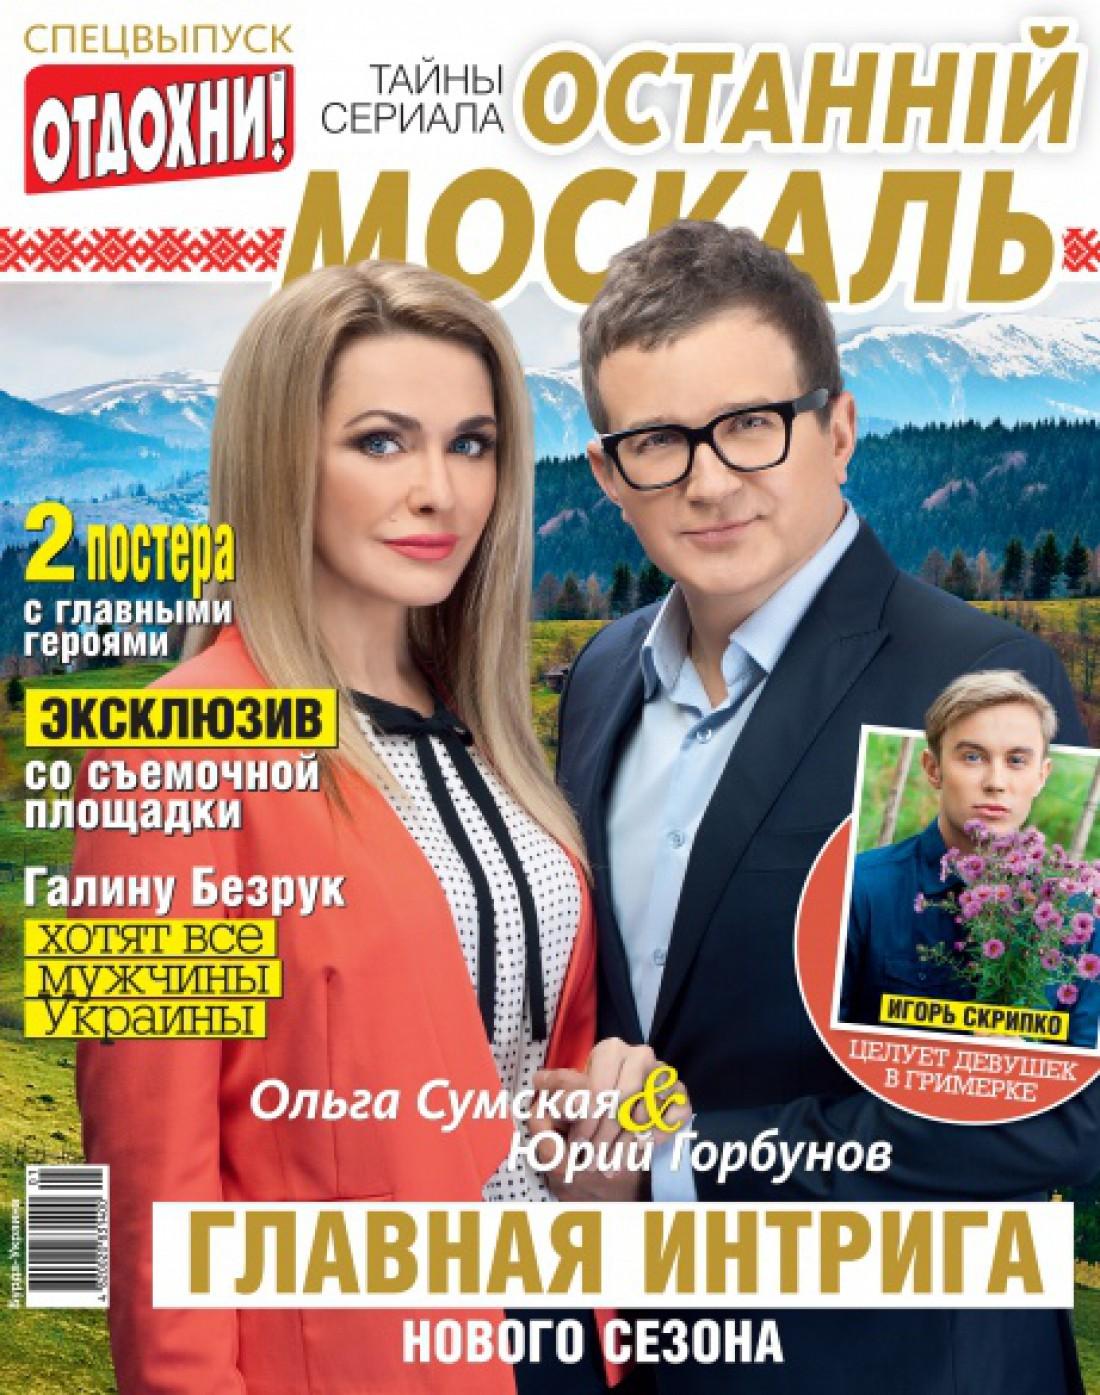 Ольга Сумкая и Юрий Горбунов появились на обложке спецвыпуска журнала